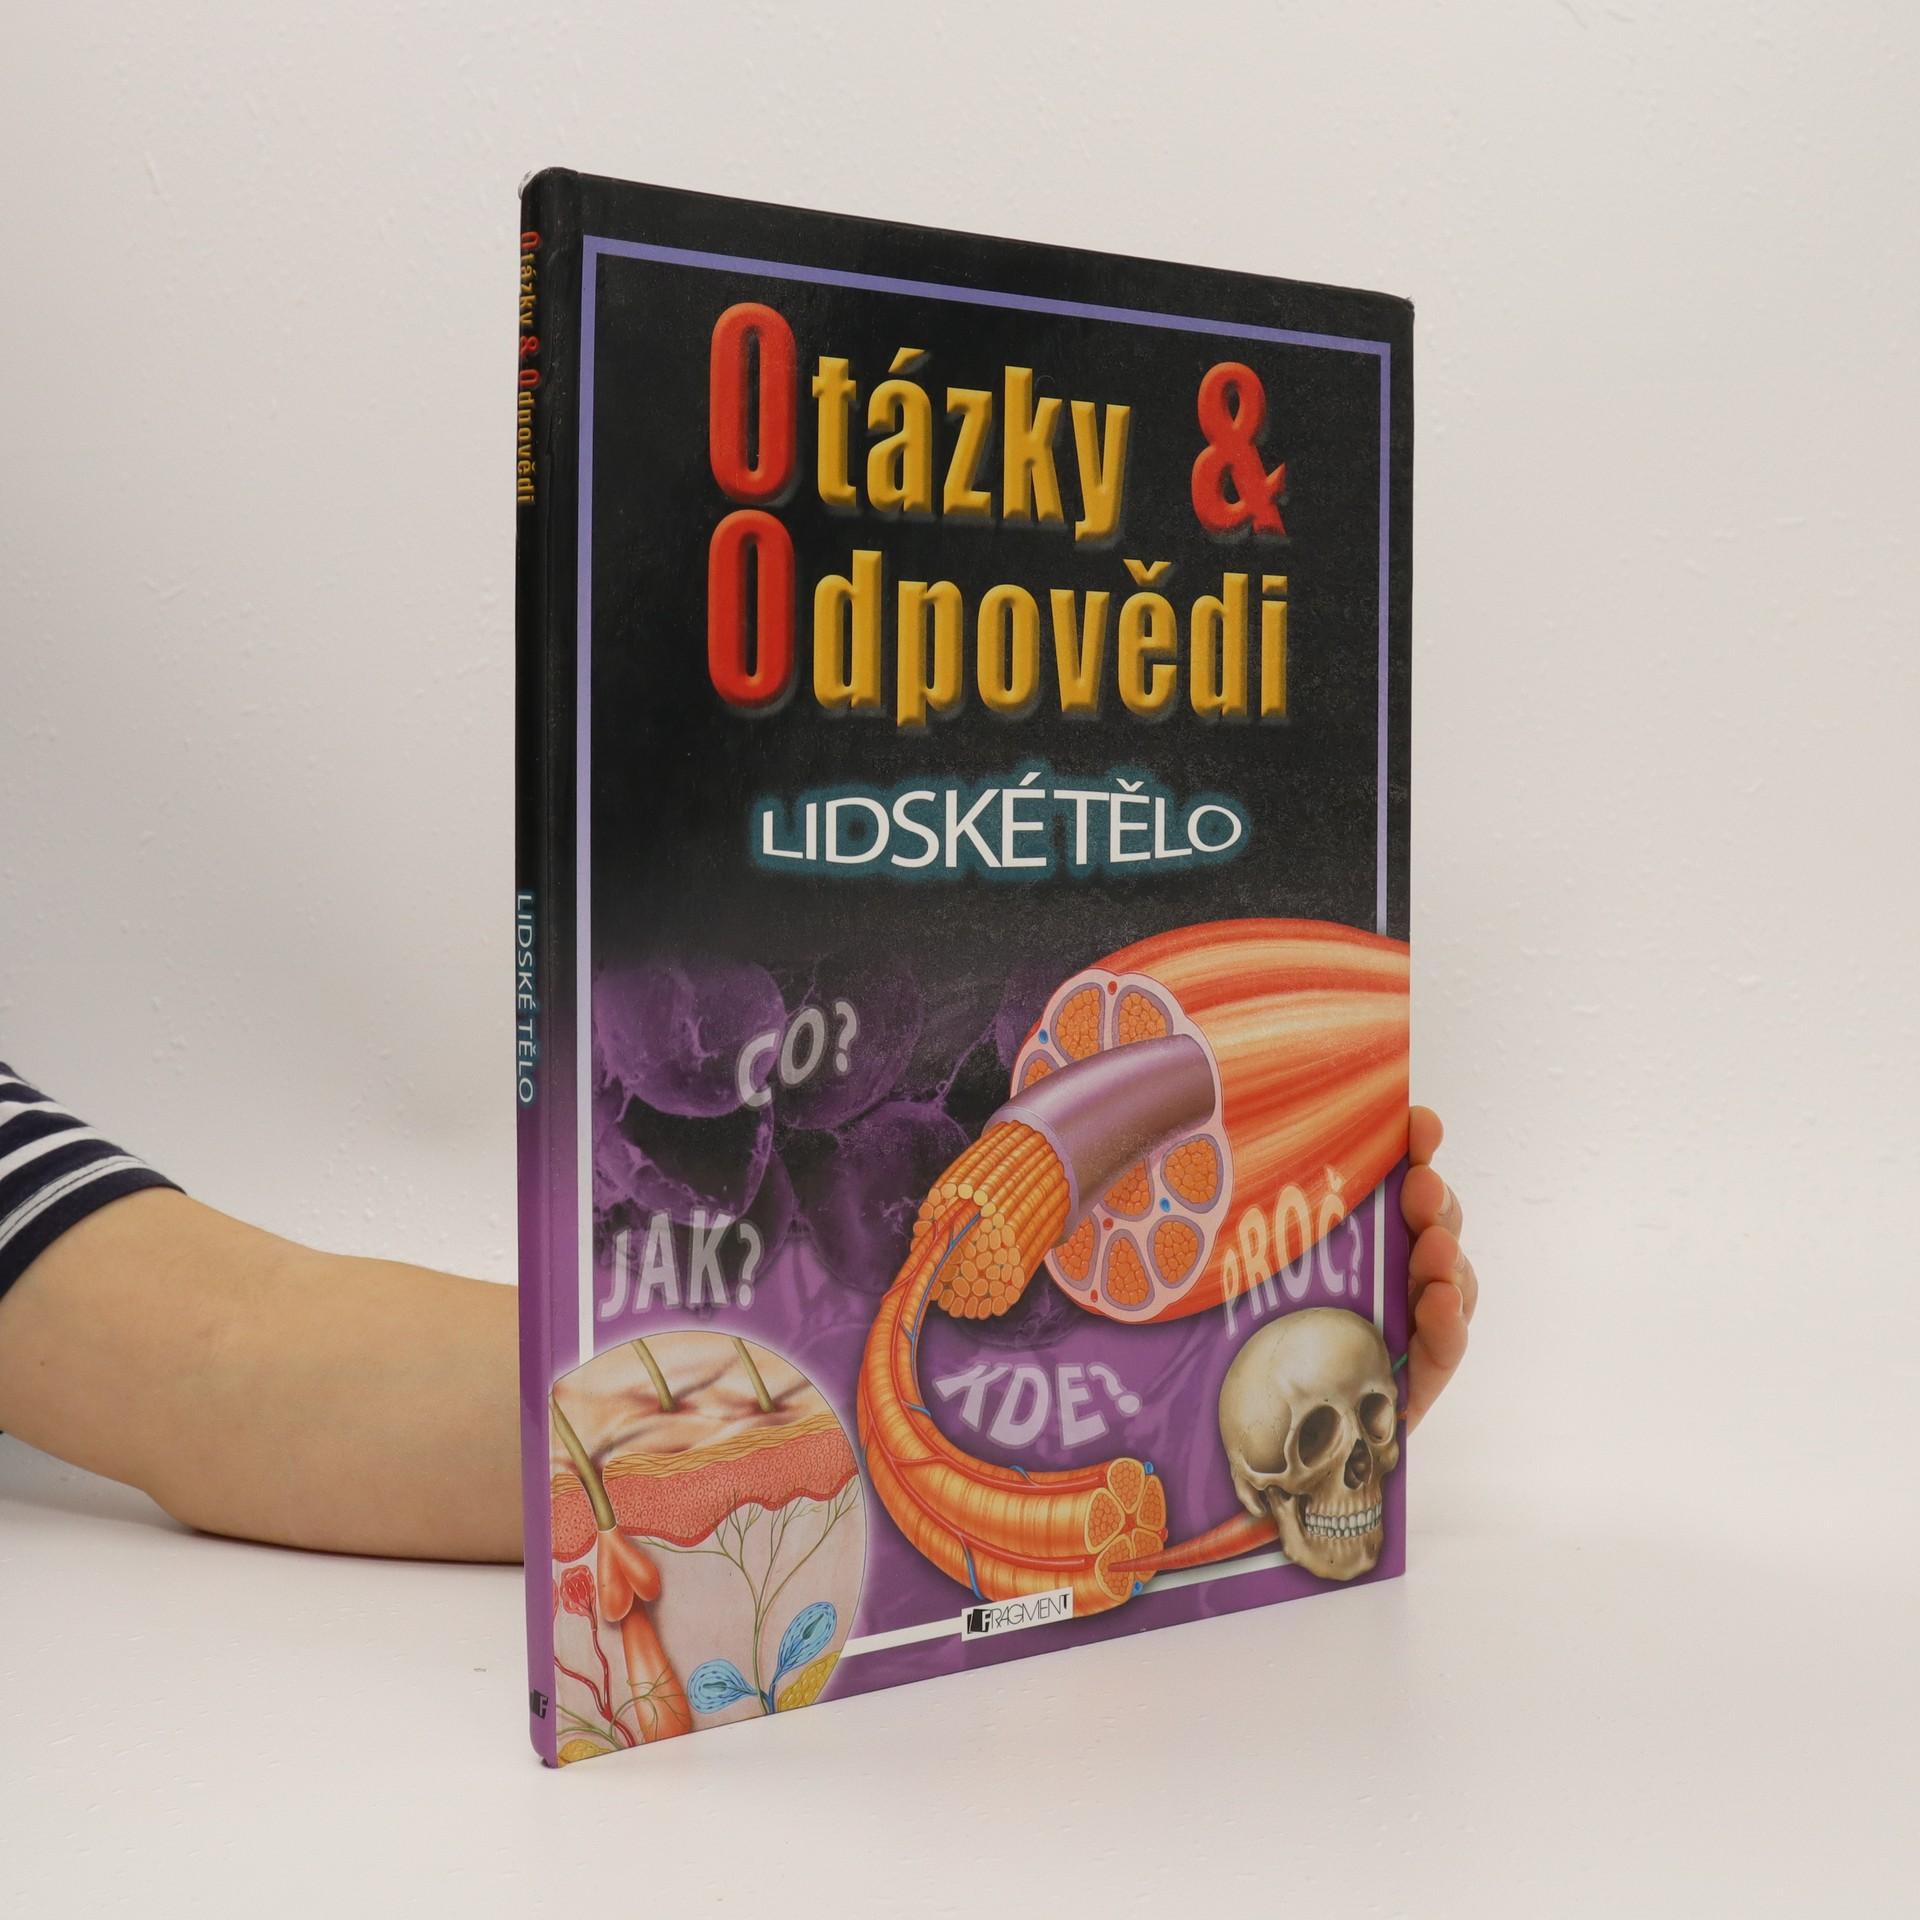 antikvární kniha Otázky & odpovědi. Lidské tělo, 2005